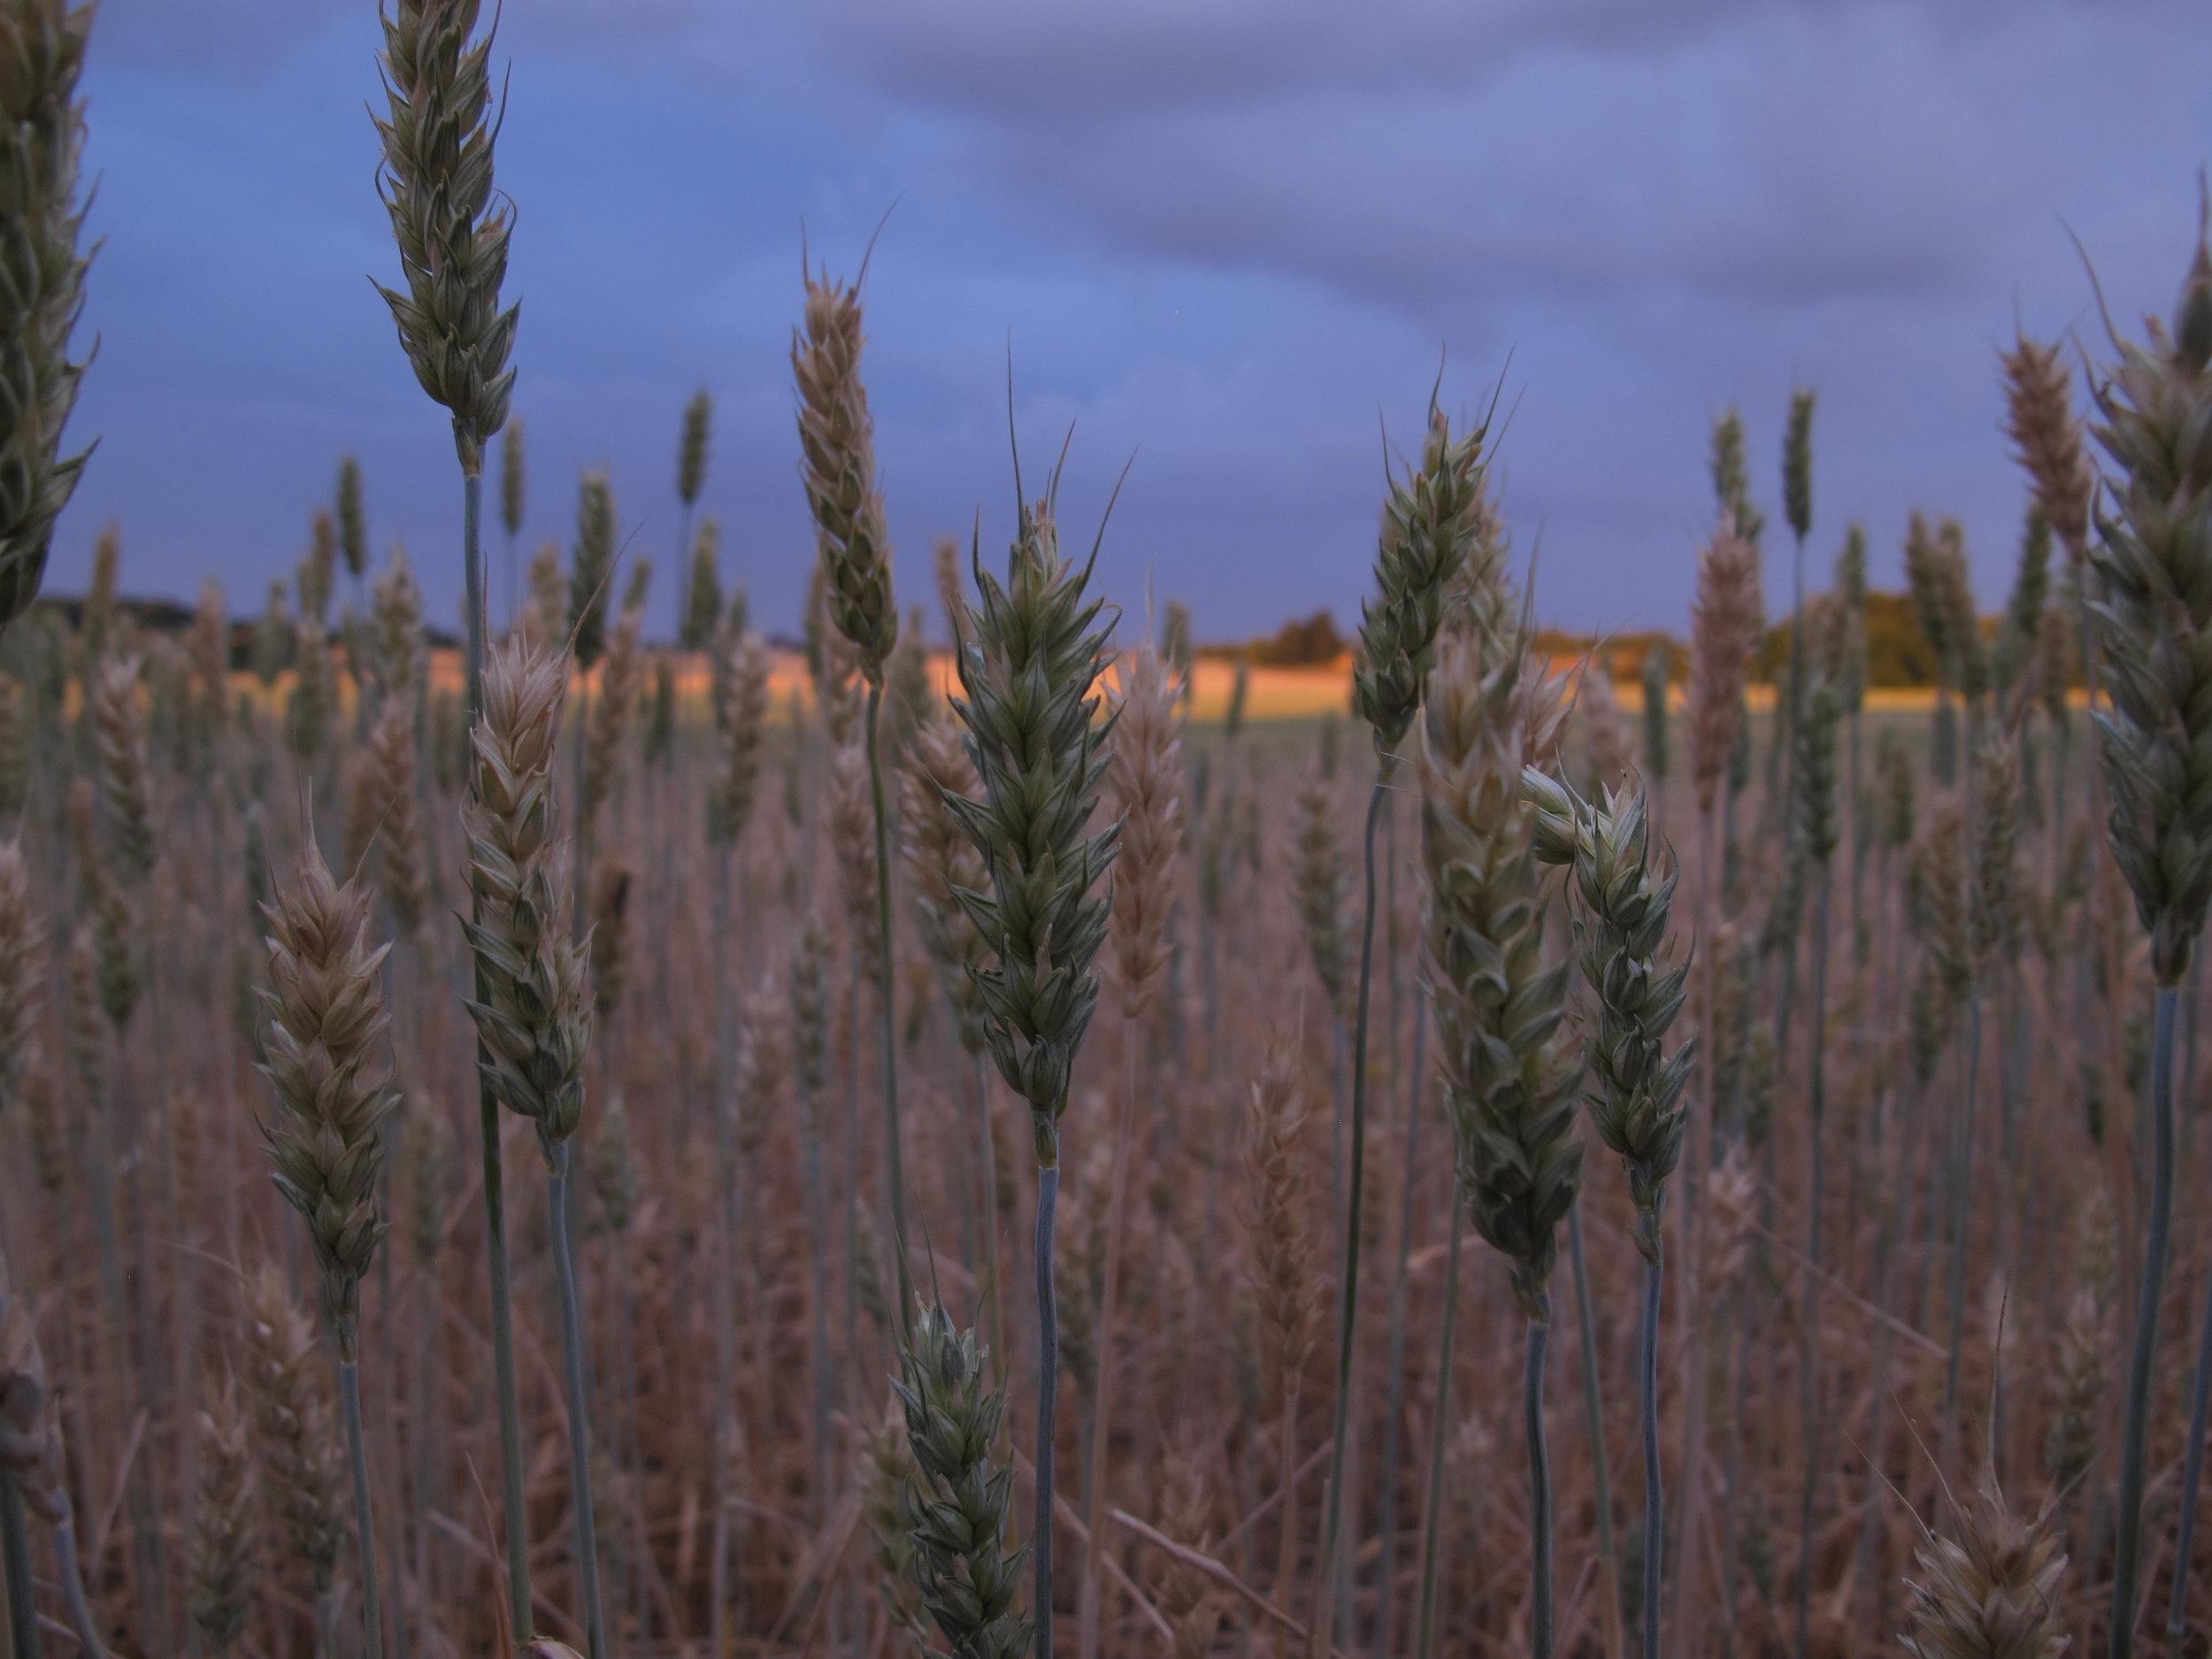 Naboens korn er virkelig brunt og svedent. Jeg forstår godt, at mange bønder knirker over den tørre sommer.